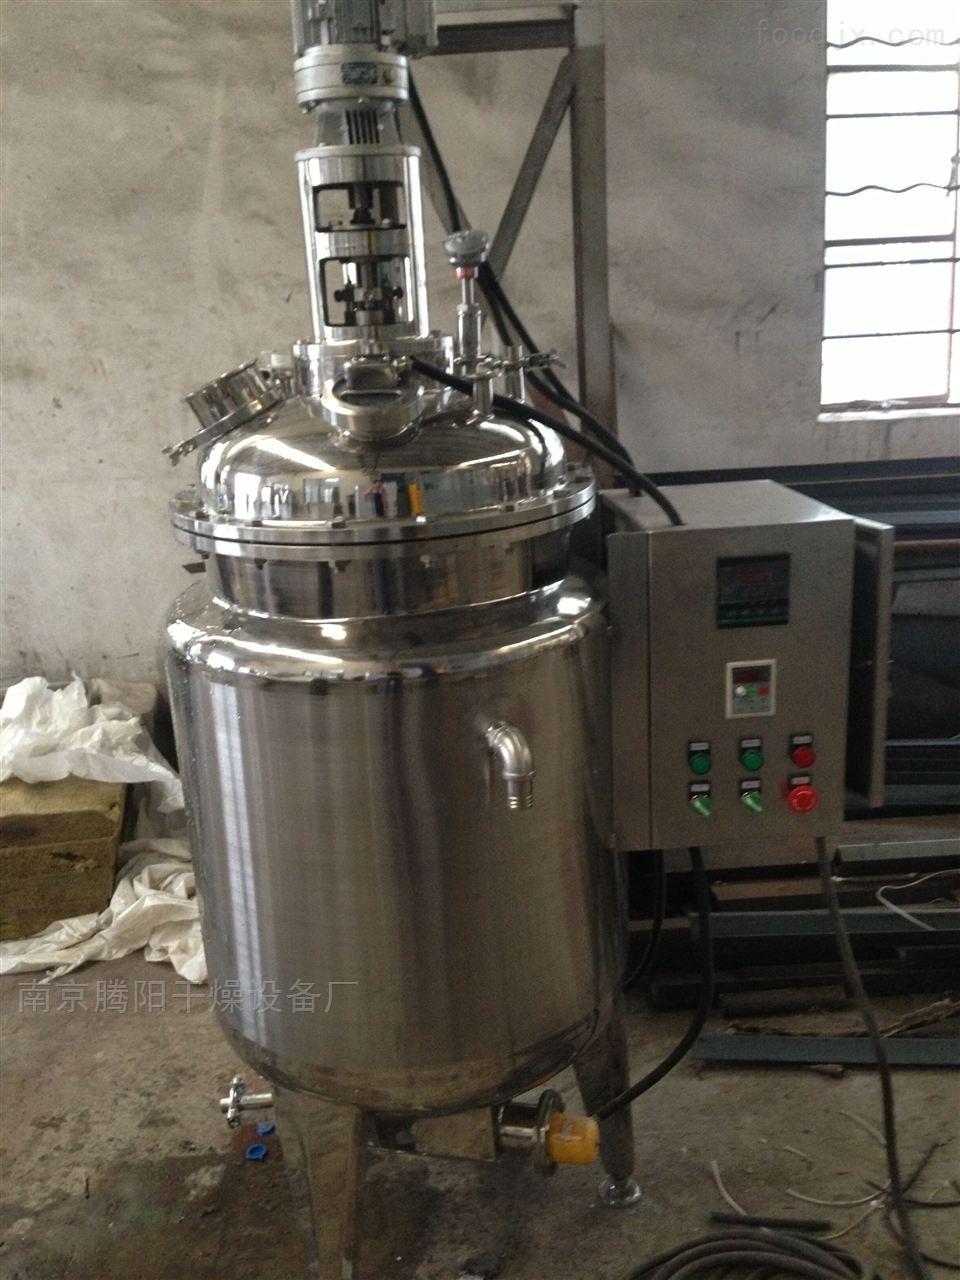 商用混合搅拌设备自动控温加热搅拌罐